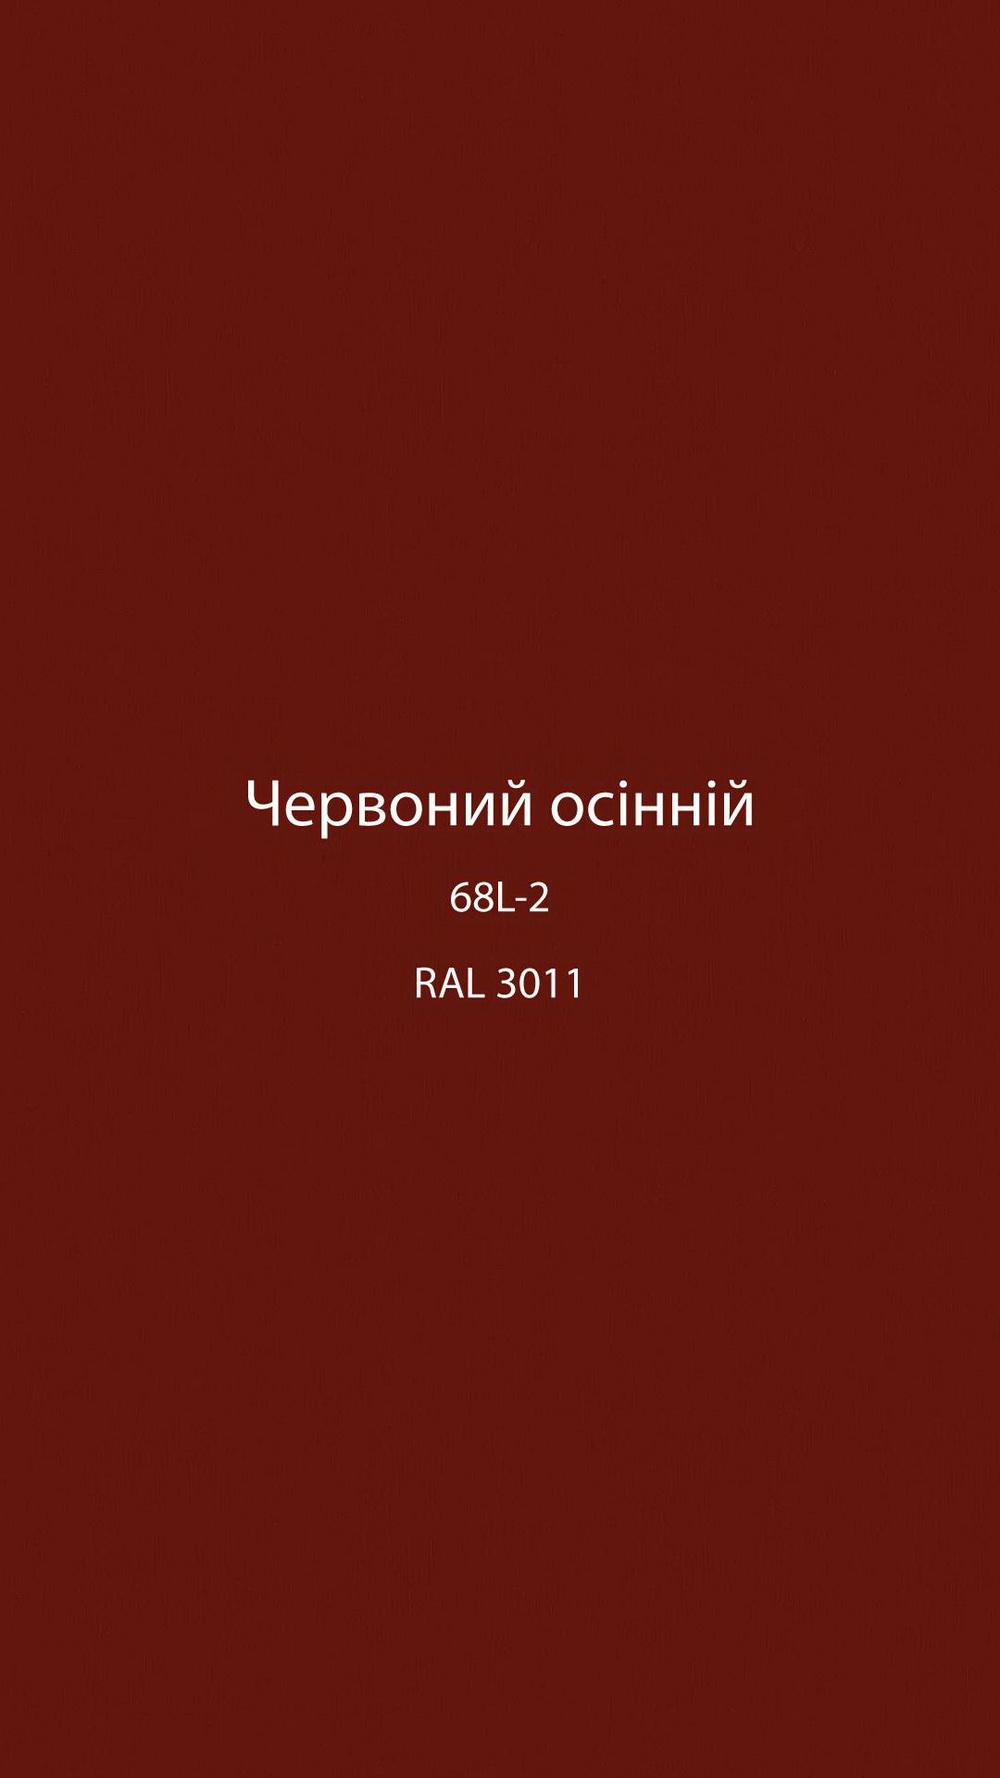 Червоний осінній - колір ламінації профілів заводу EKIPAZH